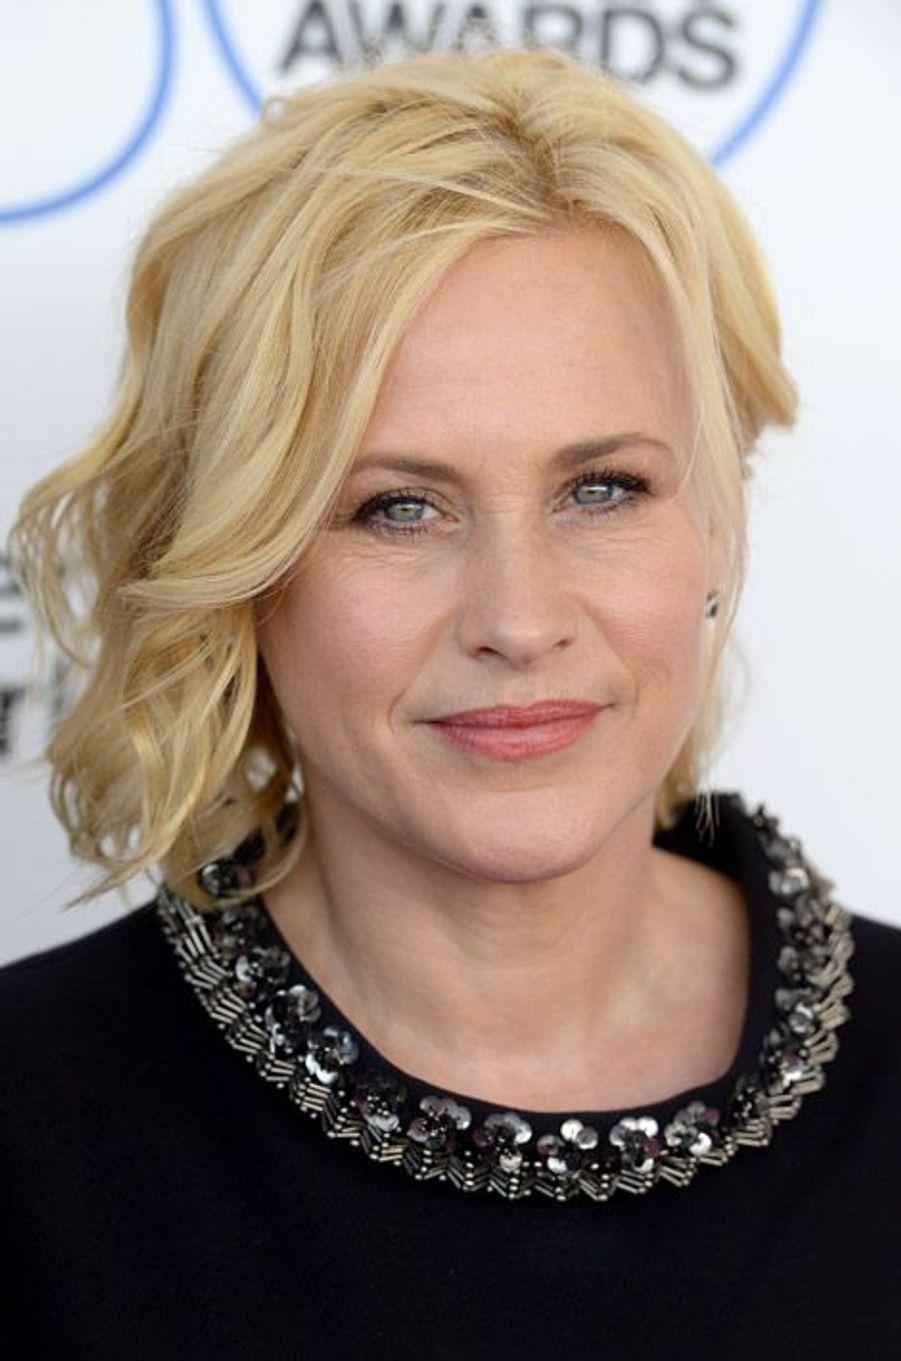 L'actrice oscarisée, Patricia Arquette et ses cheveux blonds courts